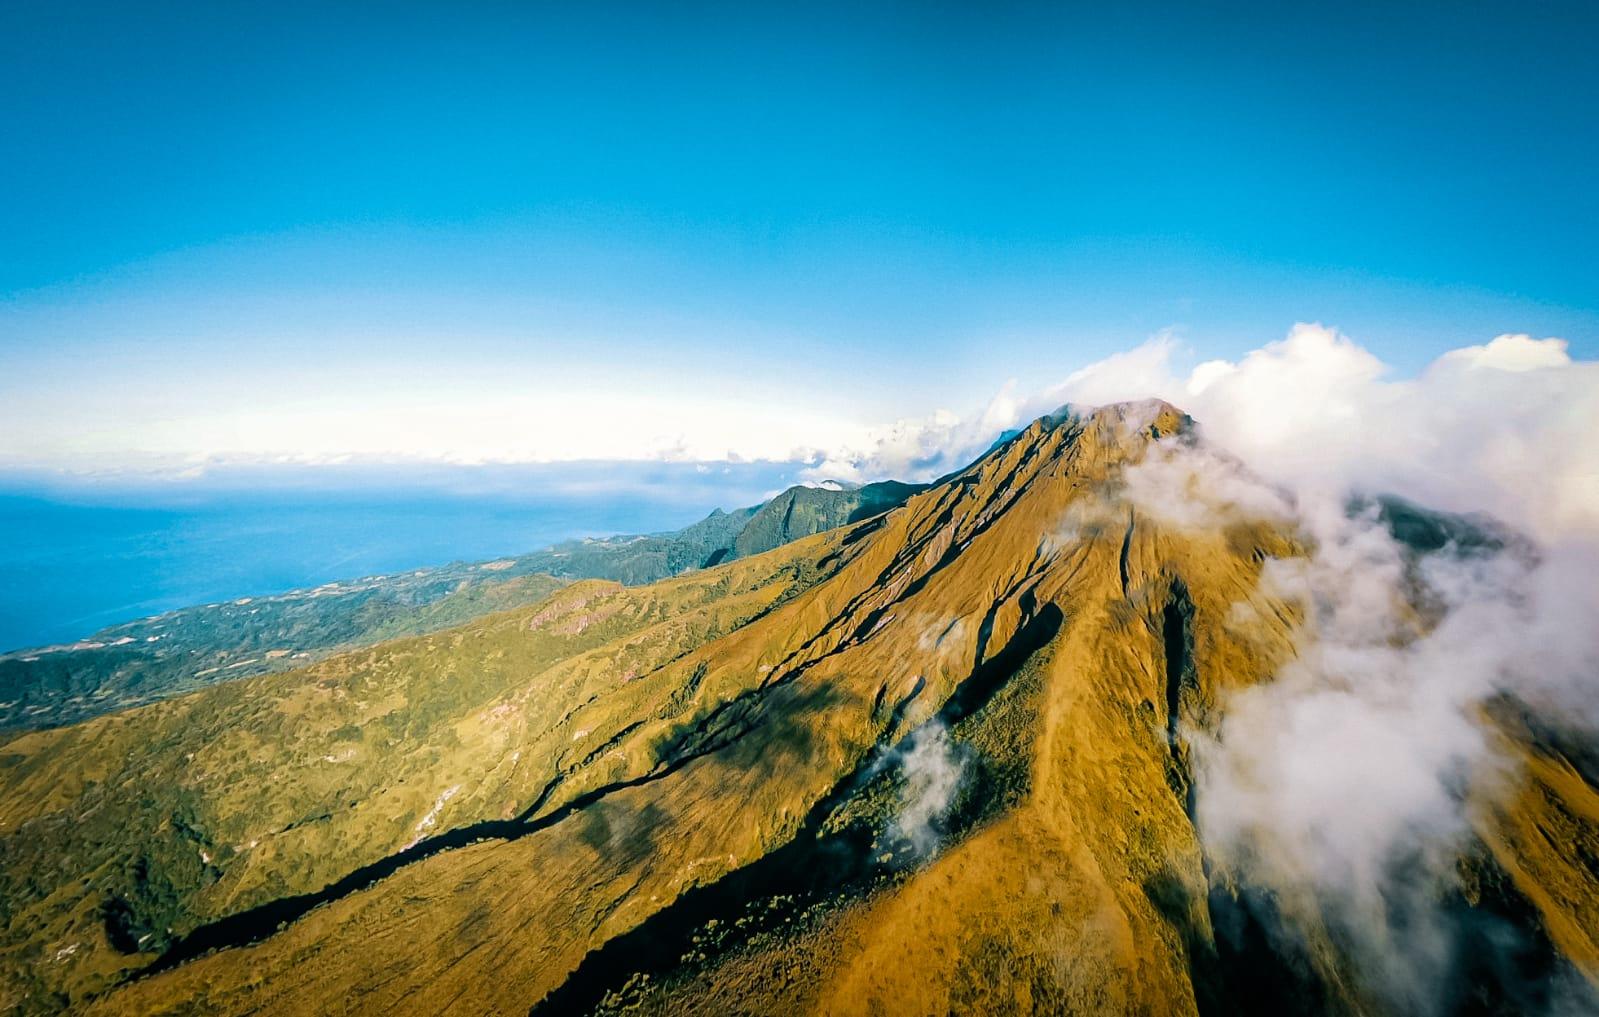 54 séismes volcano-tectoniques sous la Montagne Pelée